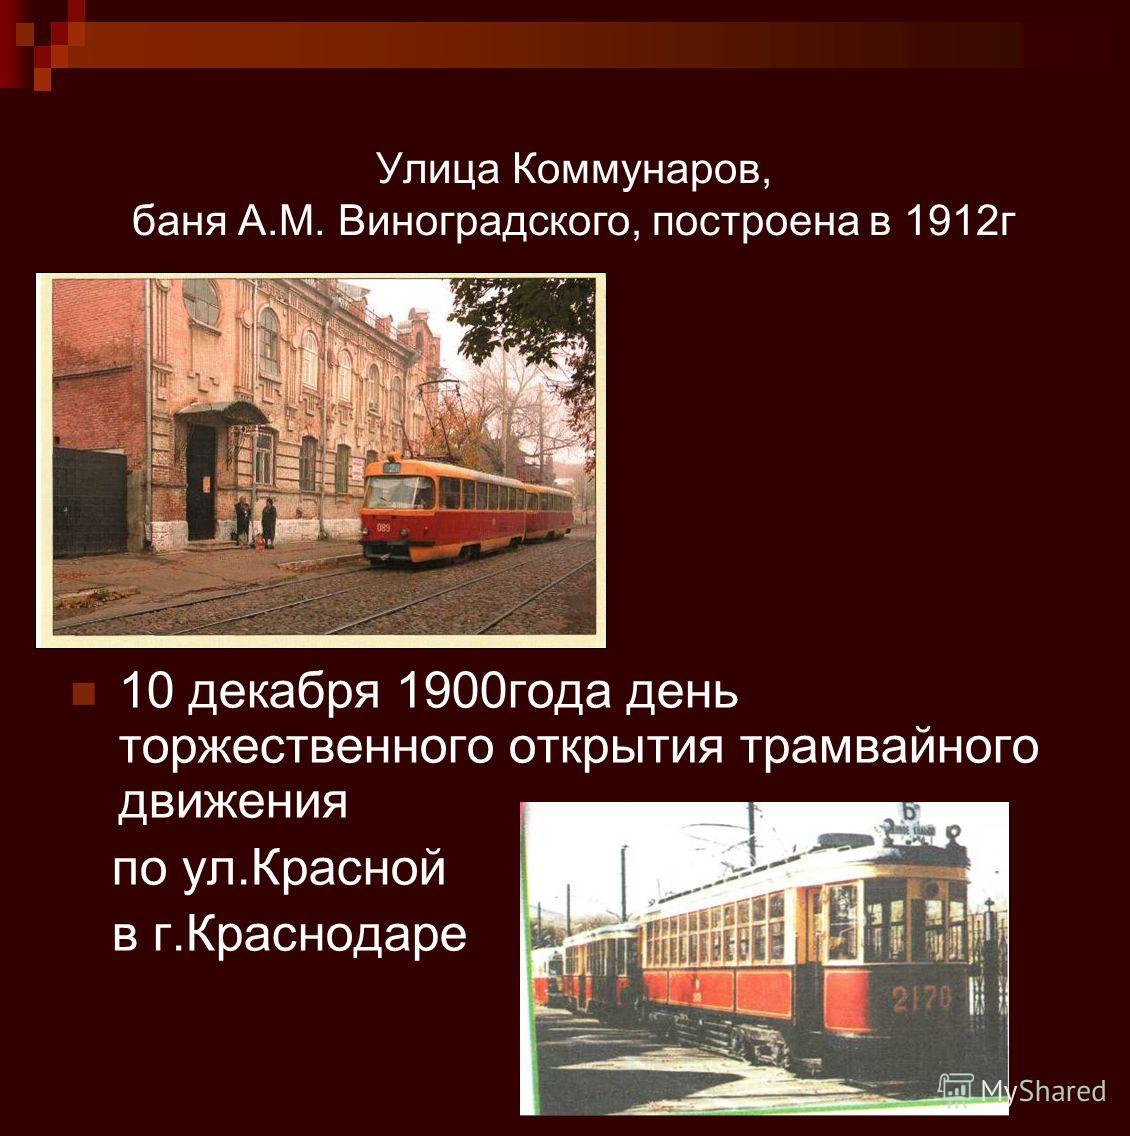 Улица Коммунаров, баня А.М. Виноградского, построена в 1912г 10 декабря 1900года день торжественного открытия трамвайного движения по ул.Красной в г.Краснодаре